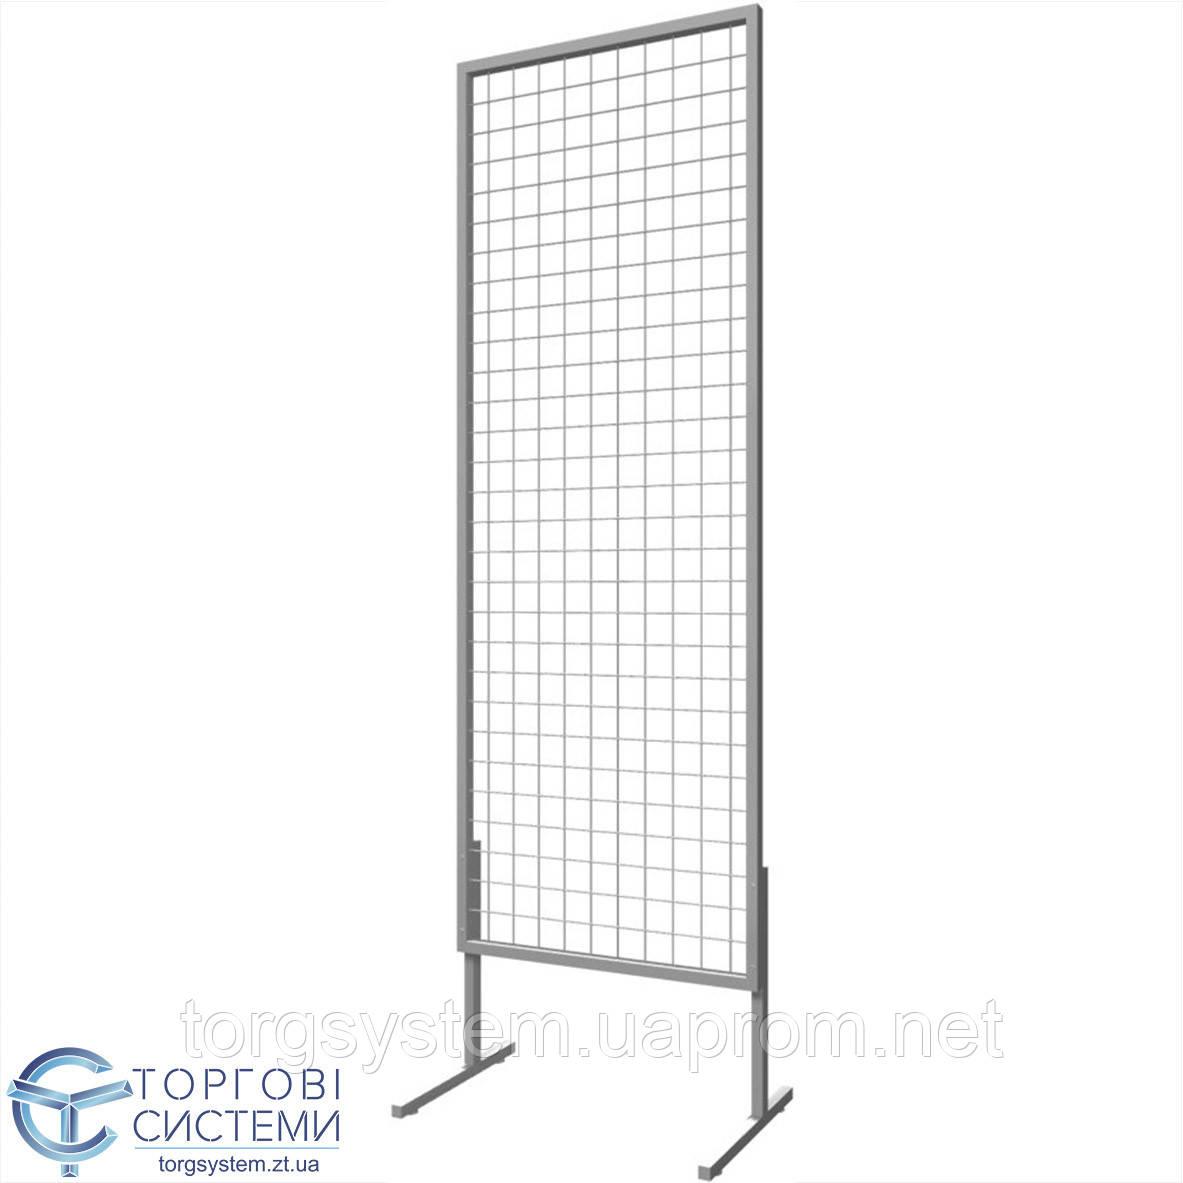 Сетка торговая в раме 2000 х 500 мм (2,5мм)